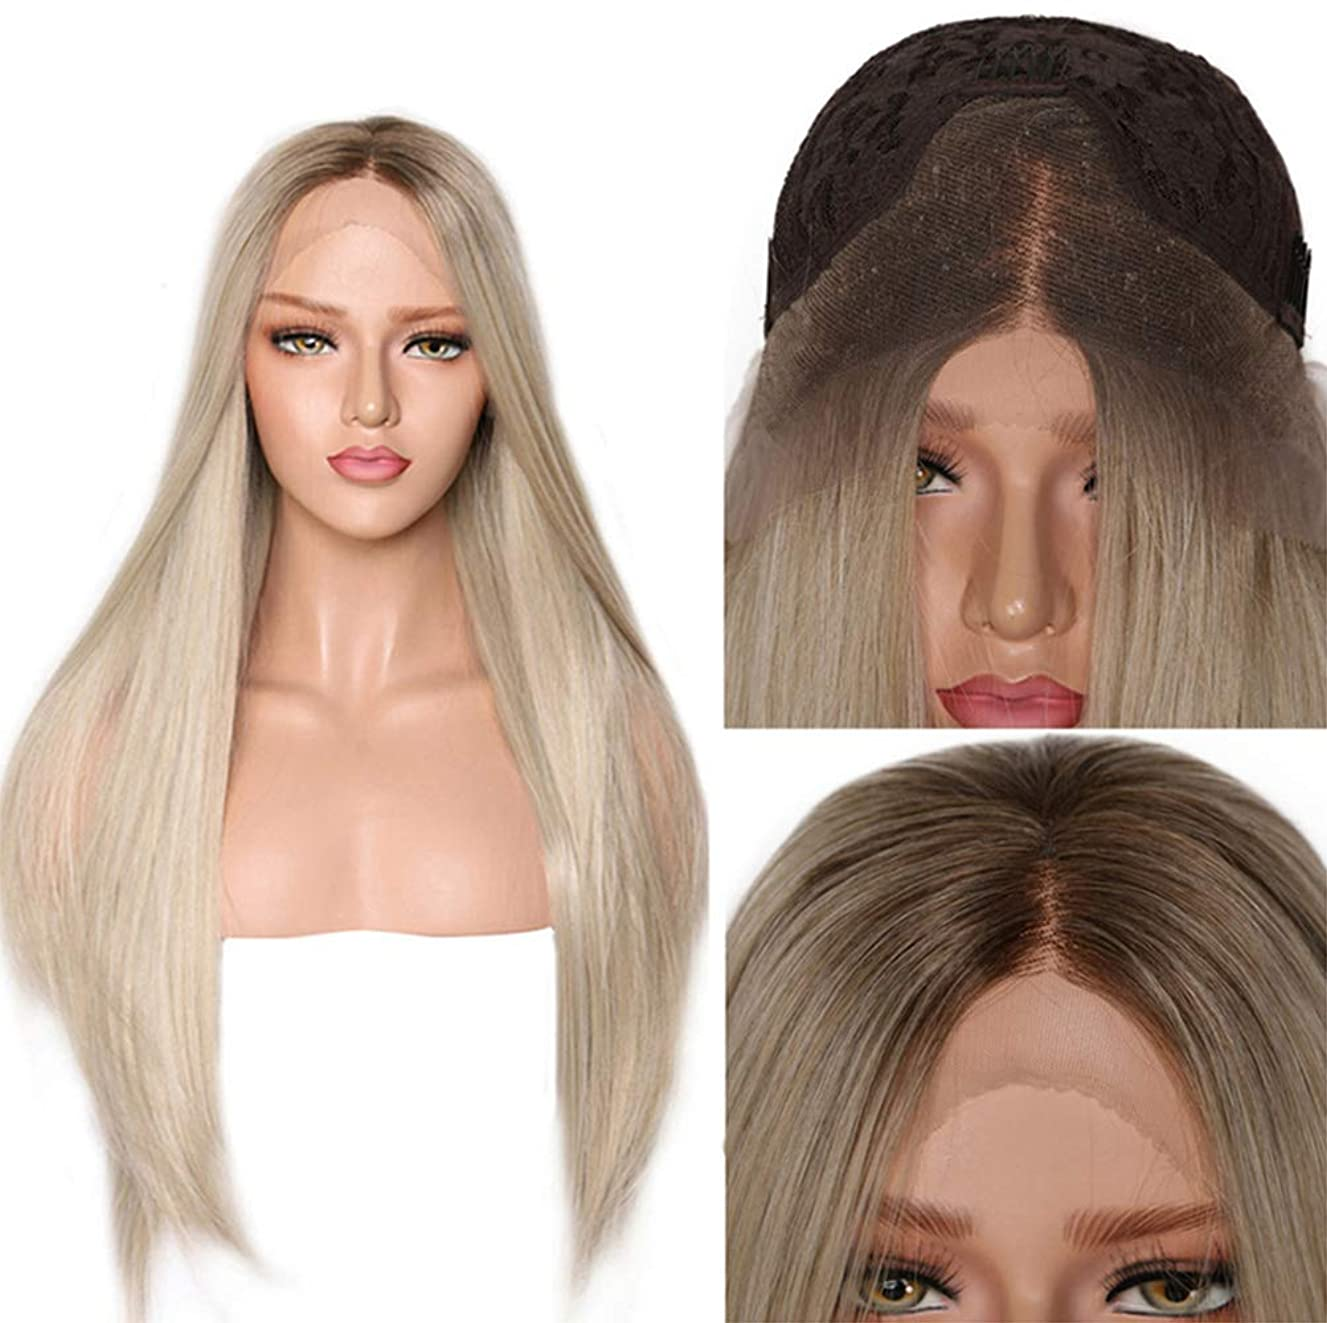 女性かつらロングストレートヘアーオンブル合成耐熱高品質かつら無料ウィッグキャップブロンド26インチ